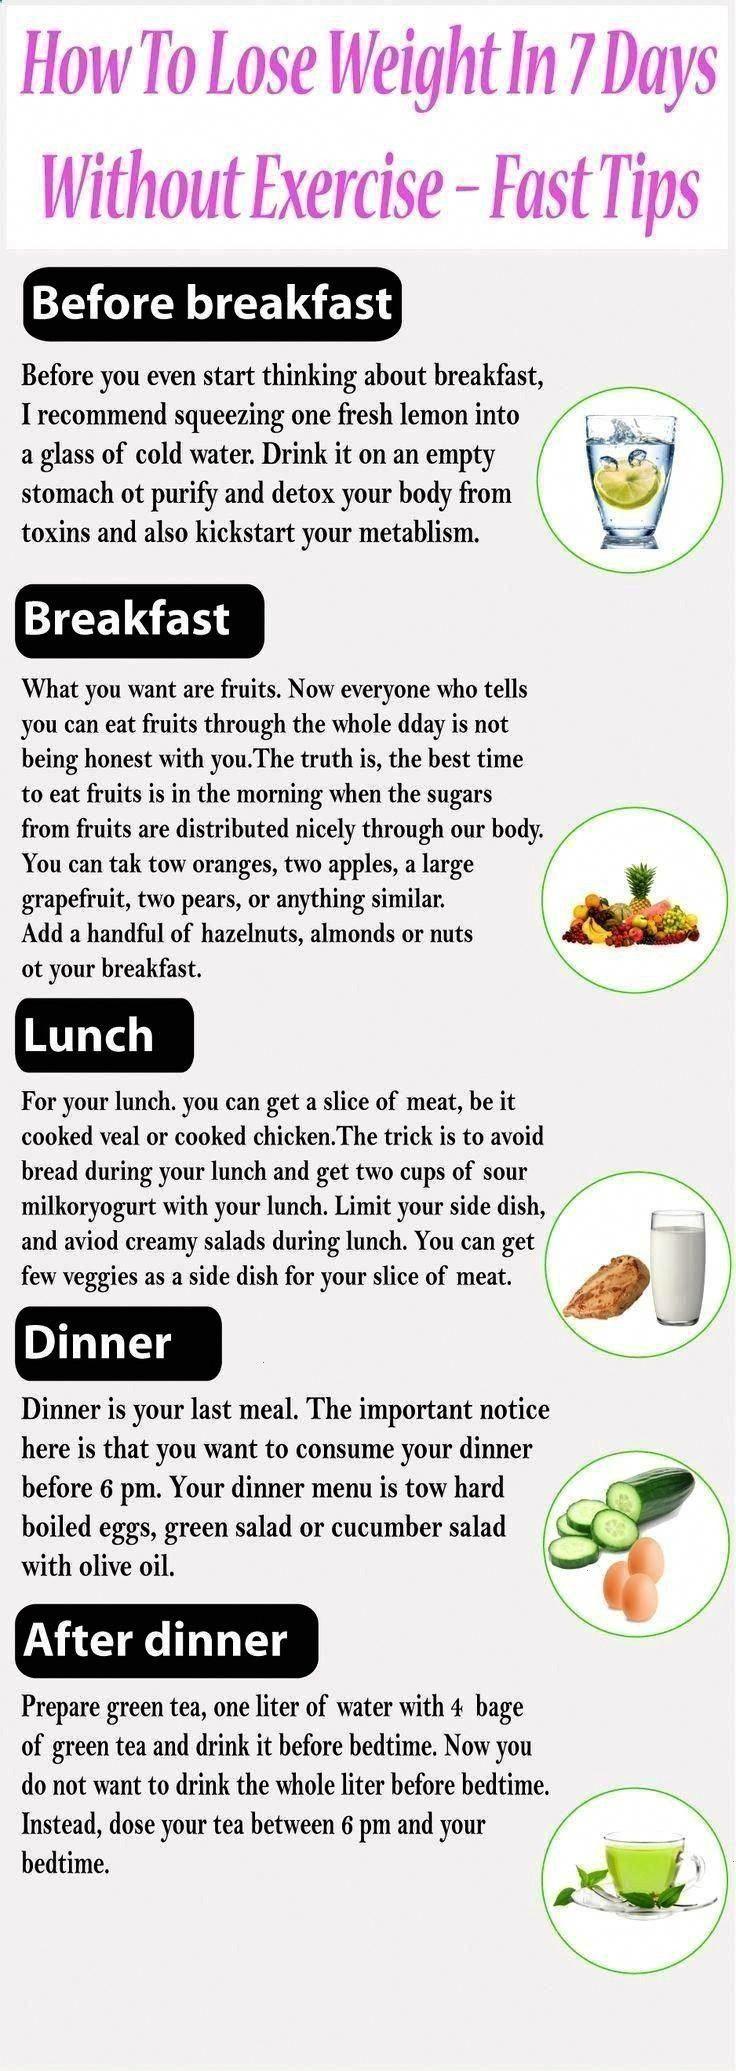 #bestdietforquickweightloss #dietplanrecipes #weightlosstips #bodybuilding #programs #fitness #weigh...